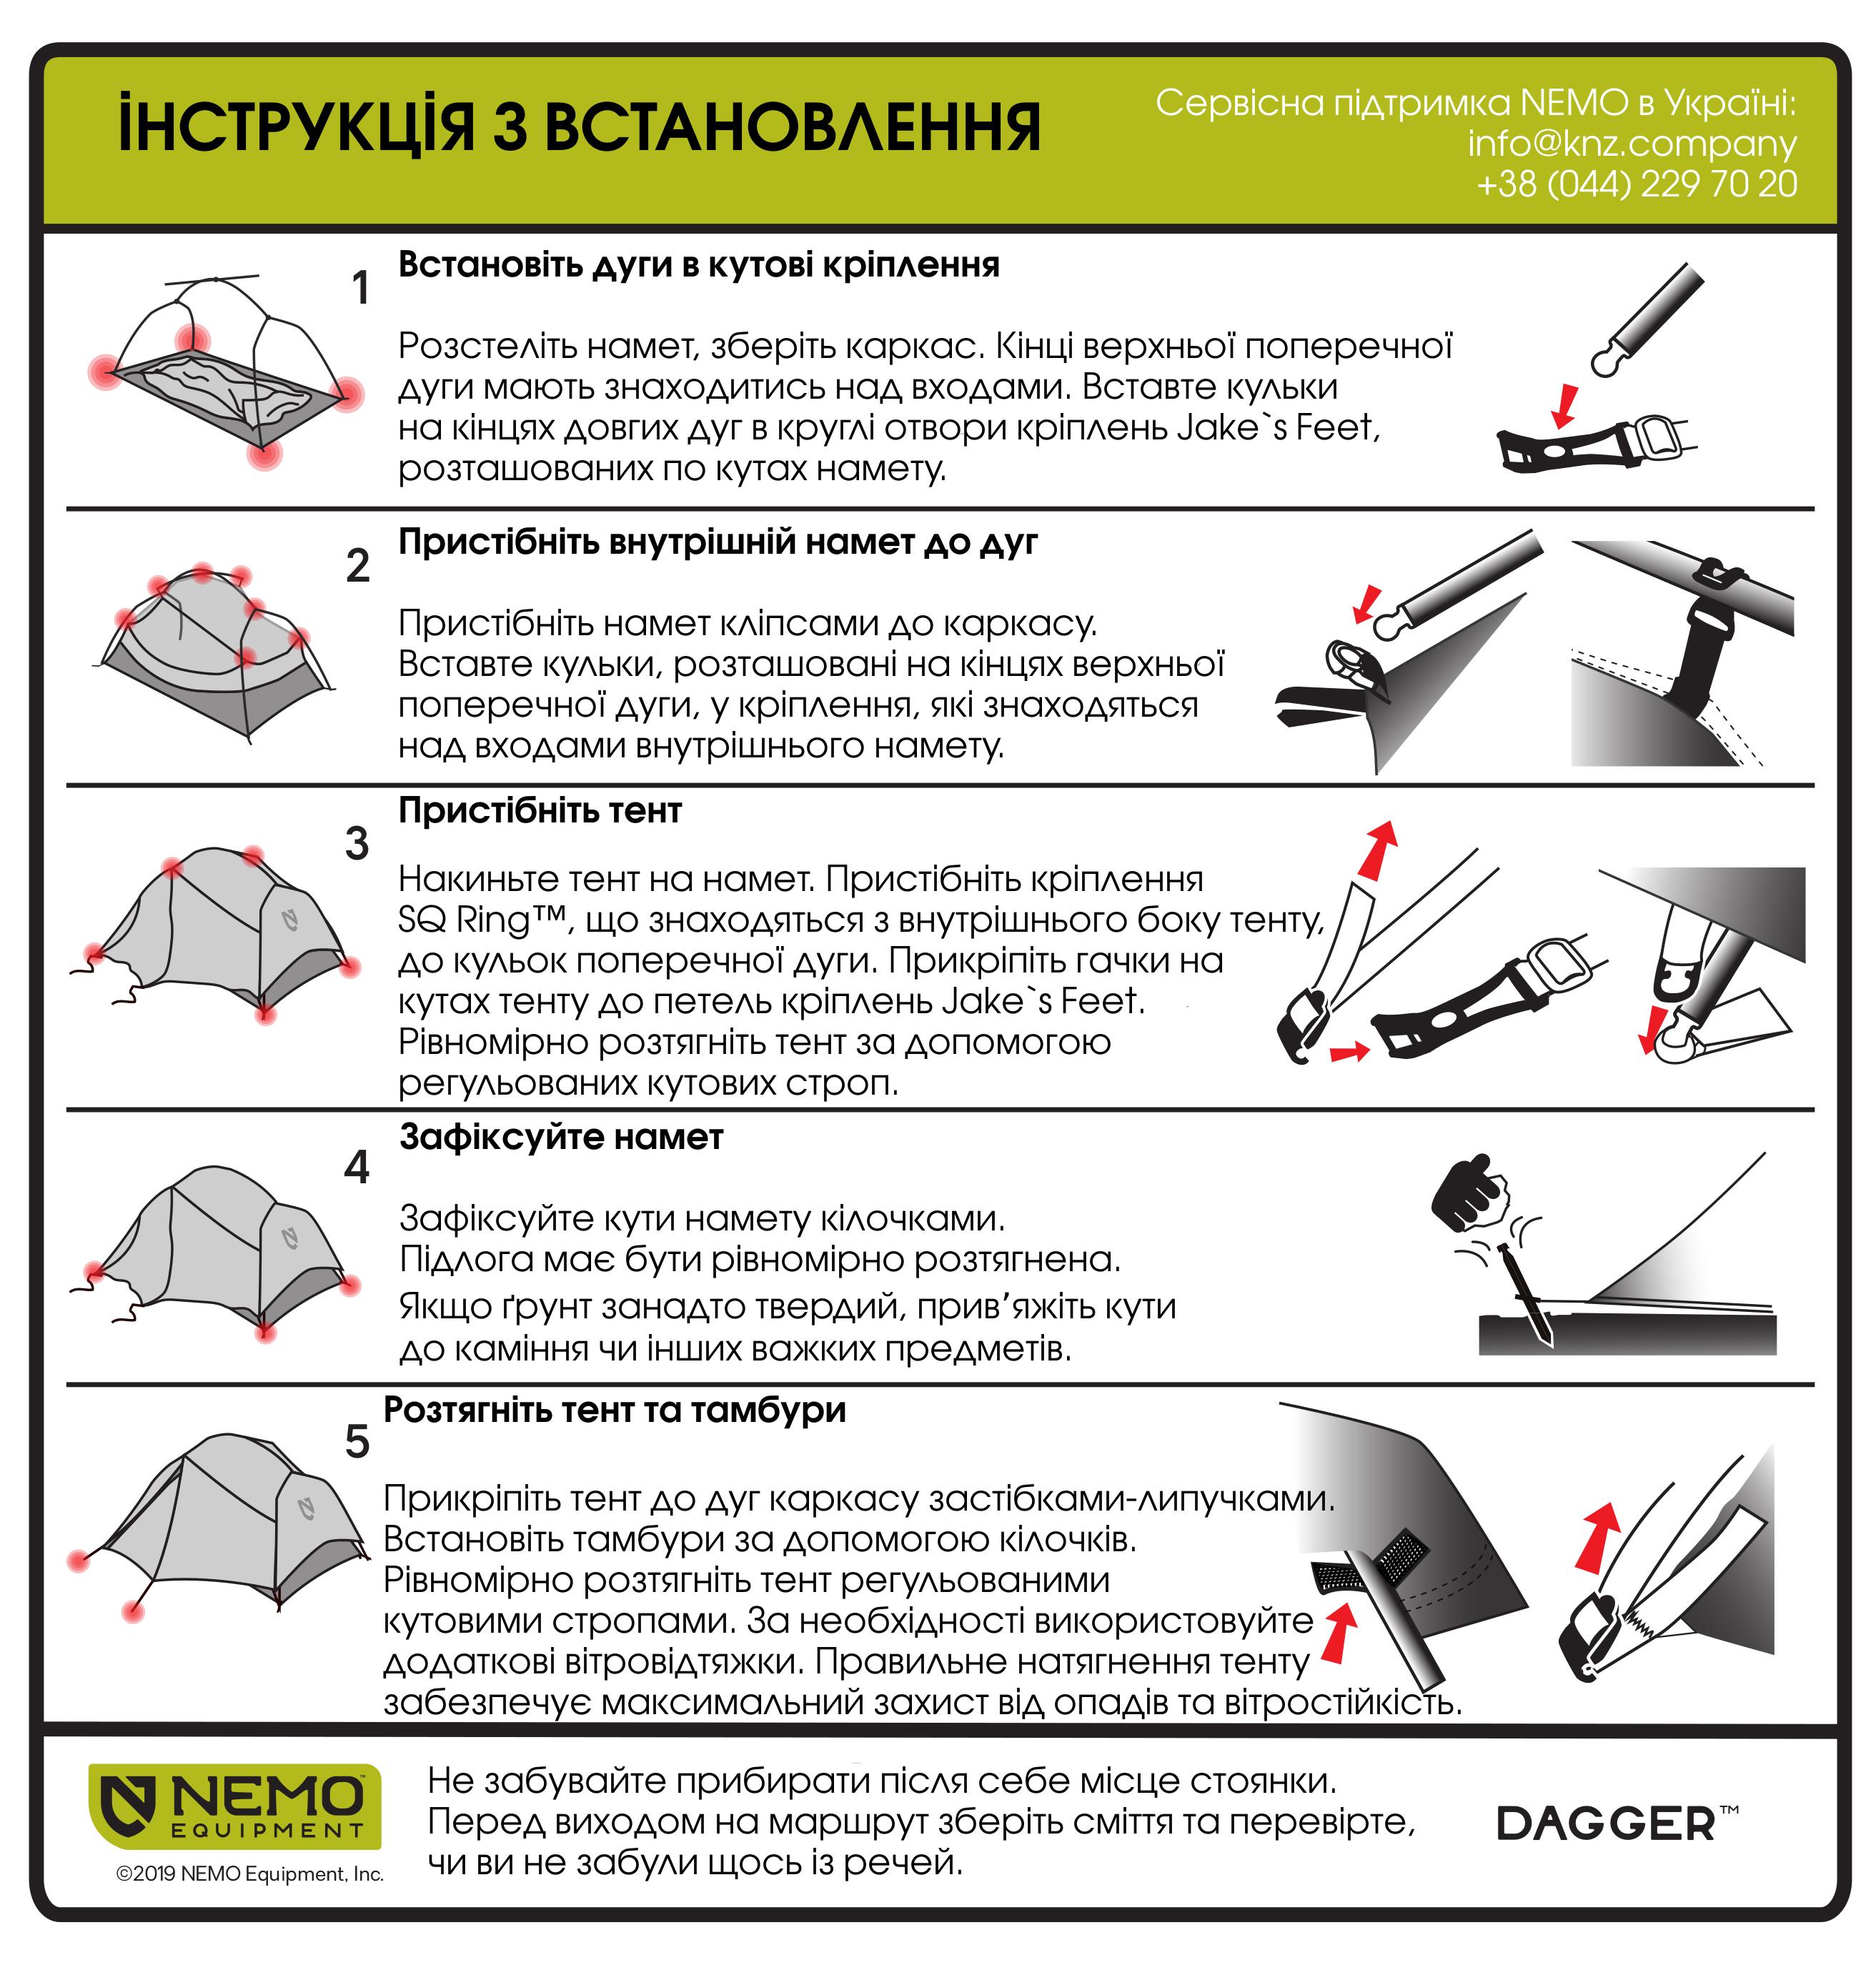 Инструкция по установке палатки NEMO Dagger